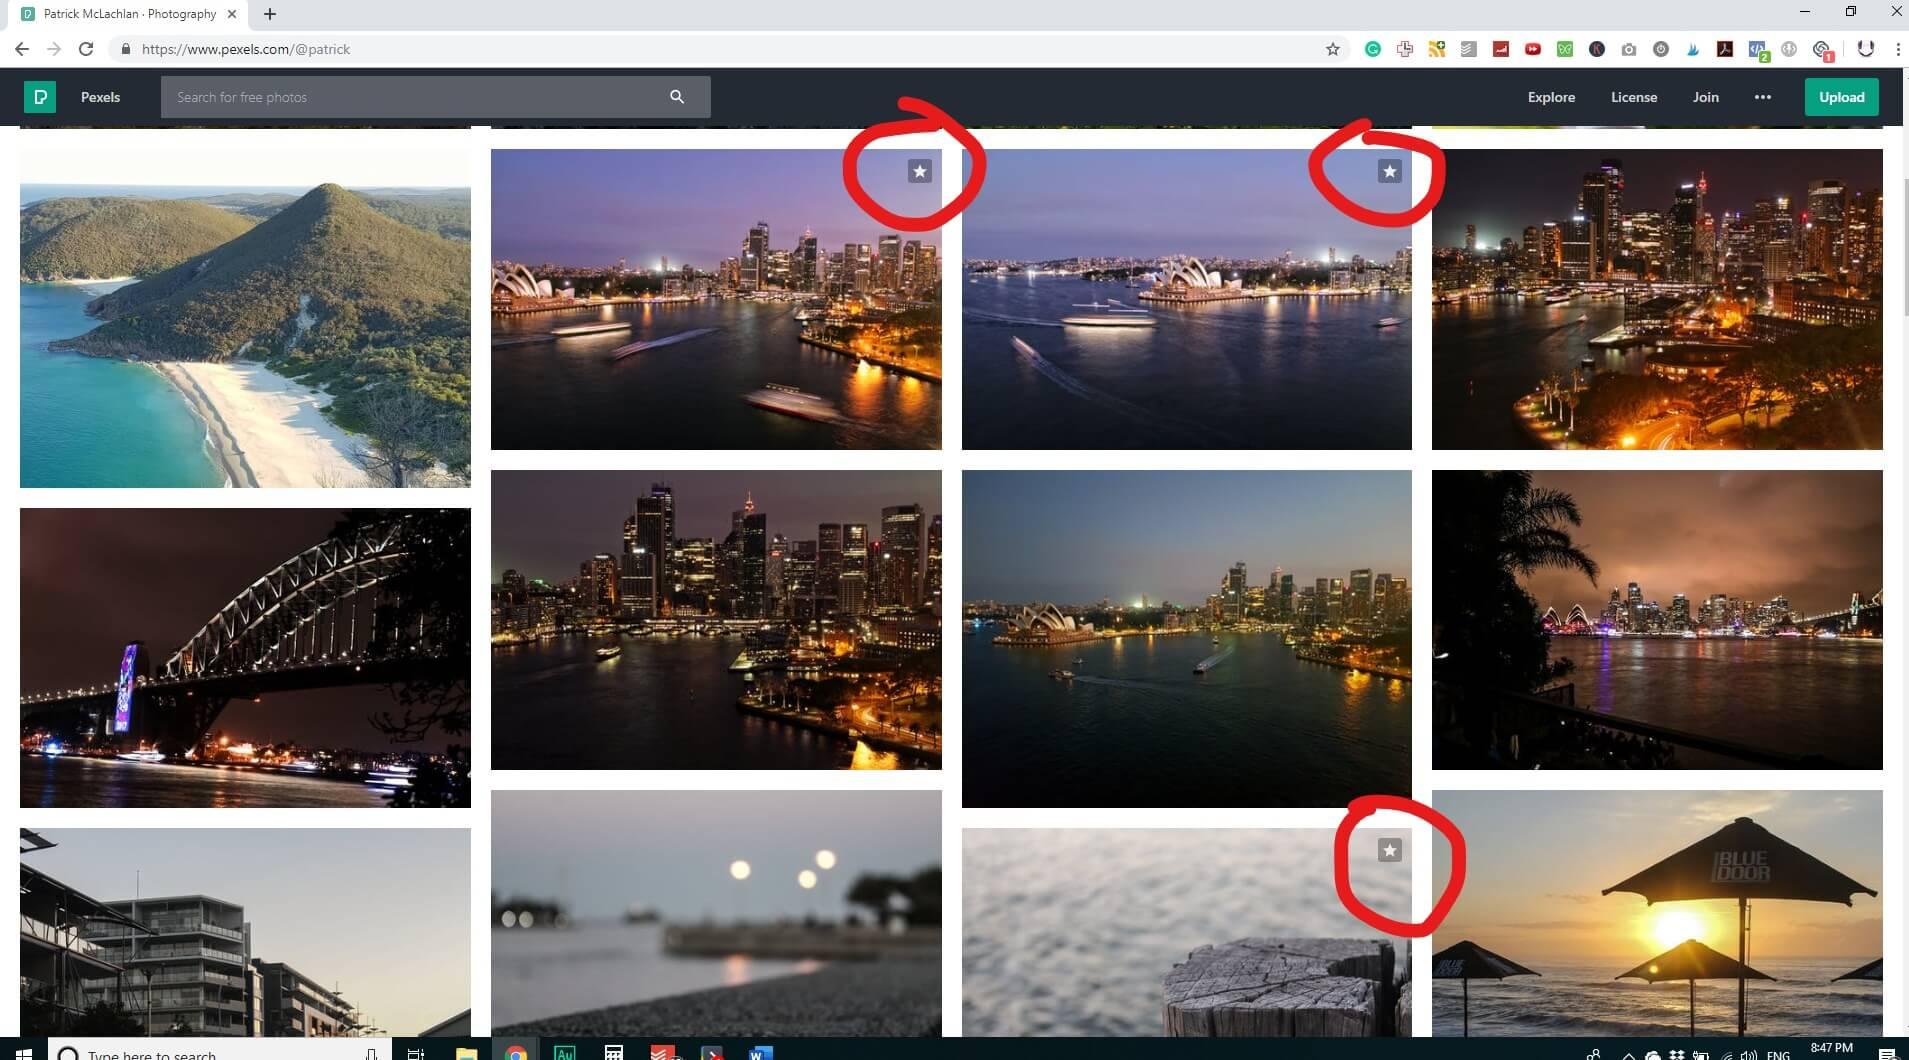 pexels_highlighting_featured_star.jpg